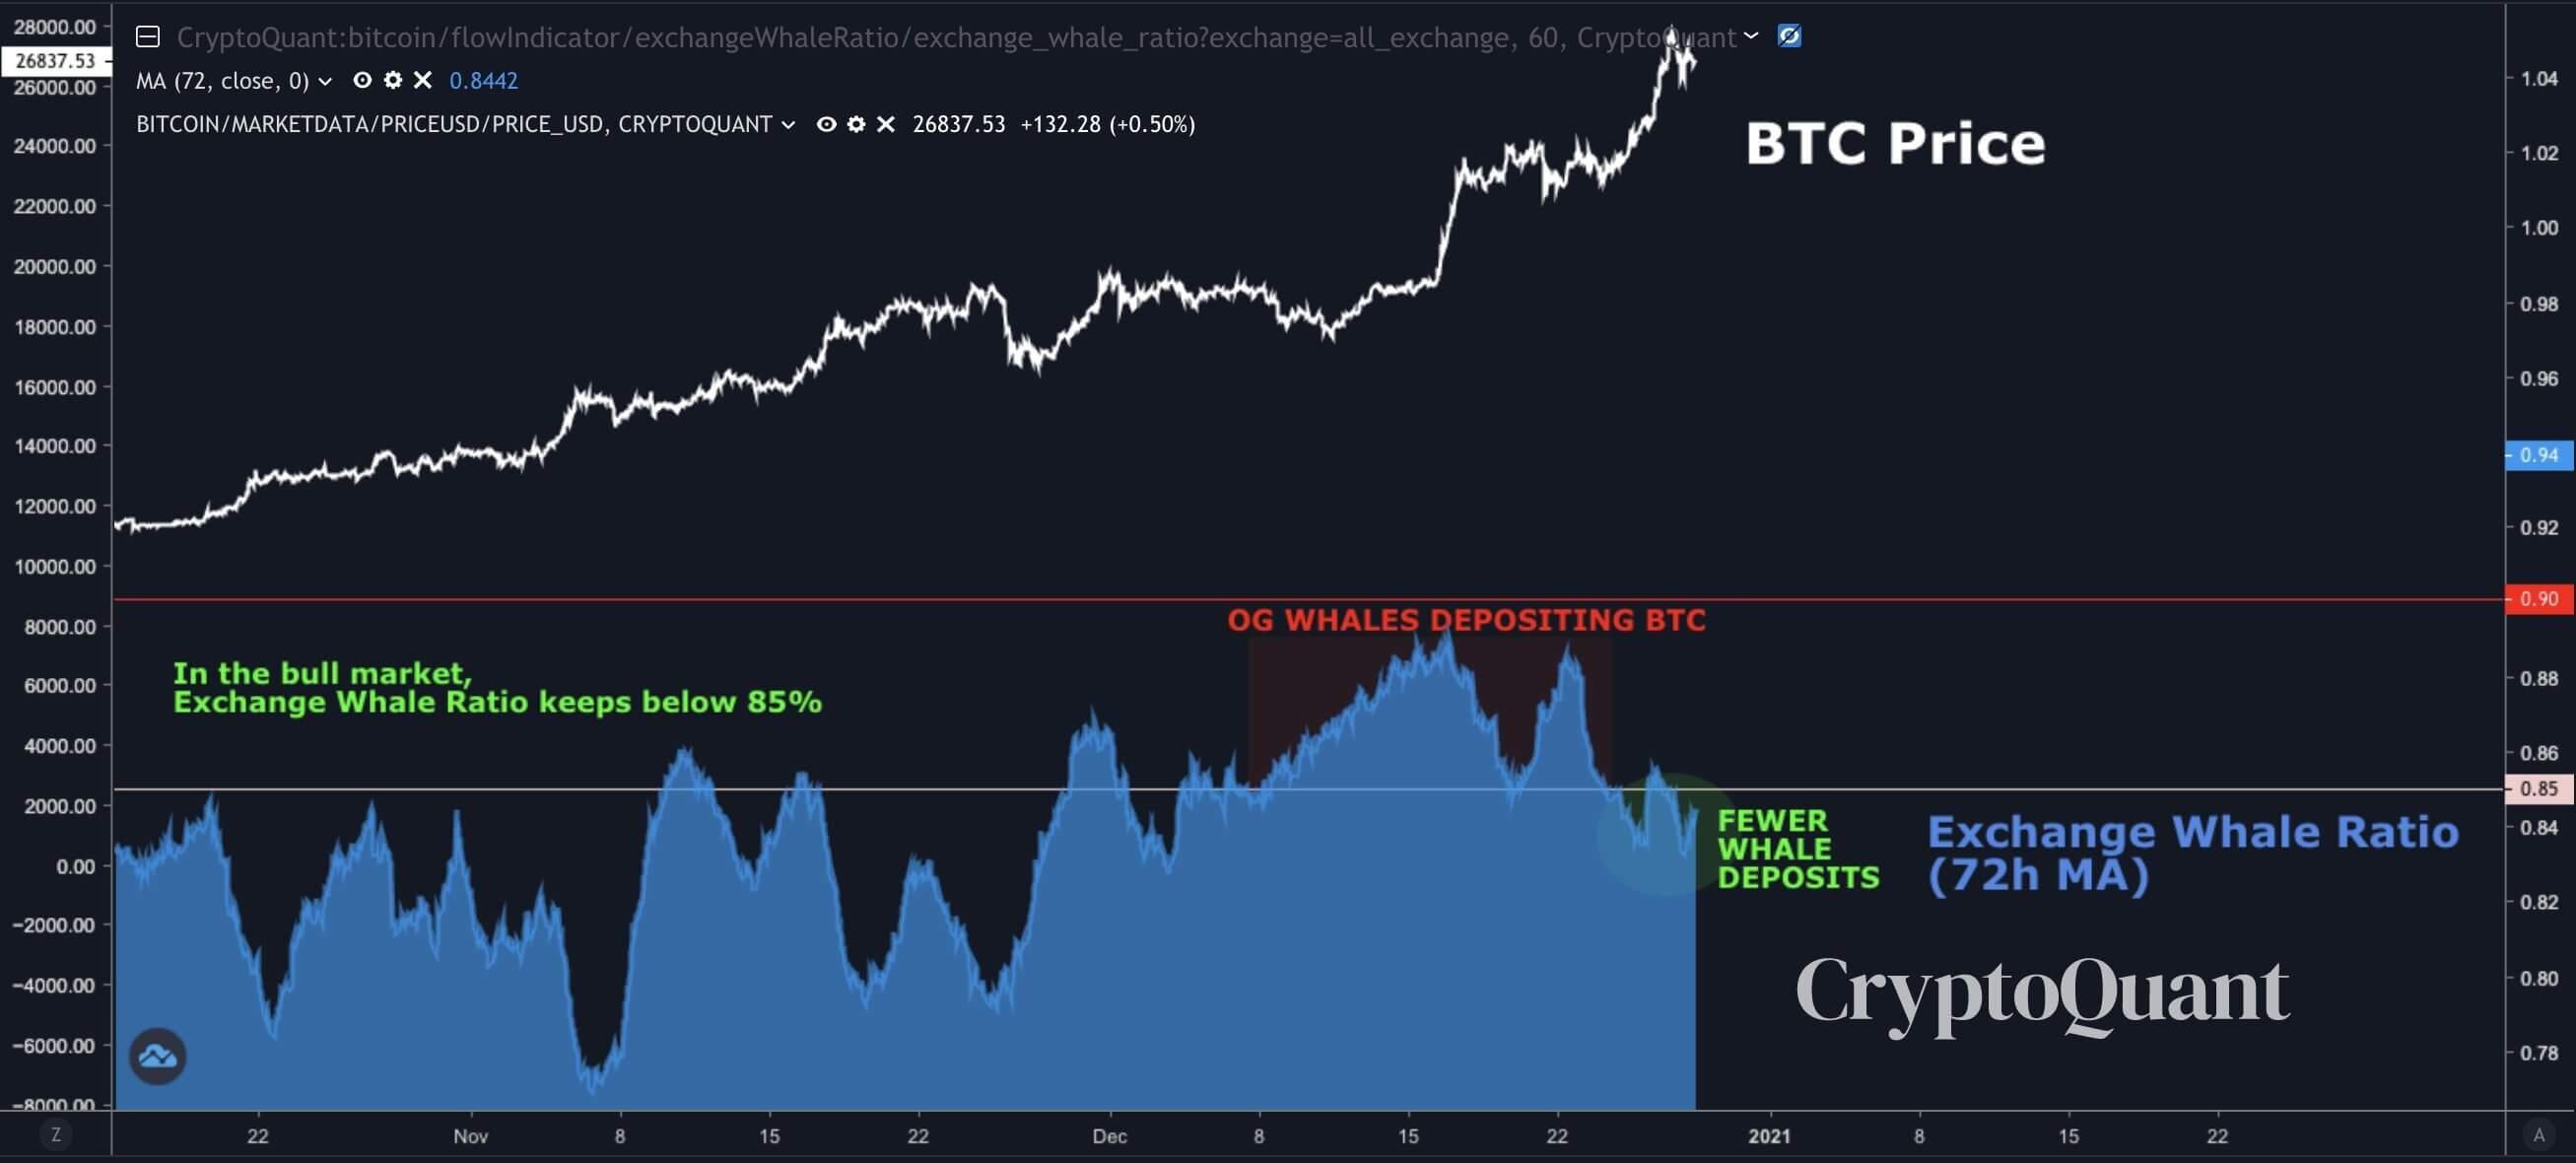 график Биткоин блокчейн